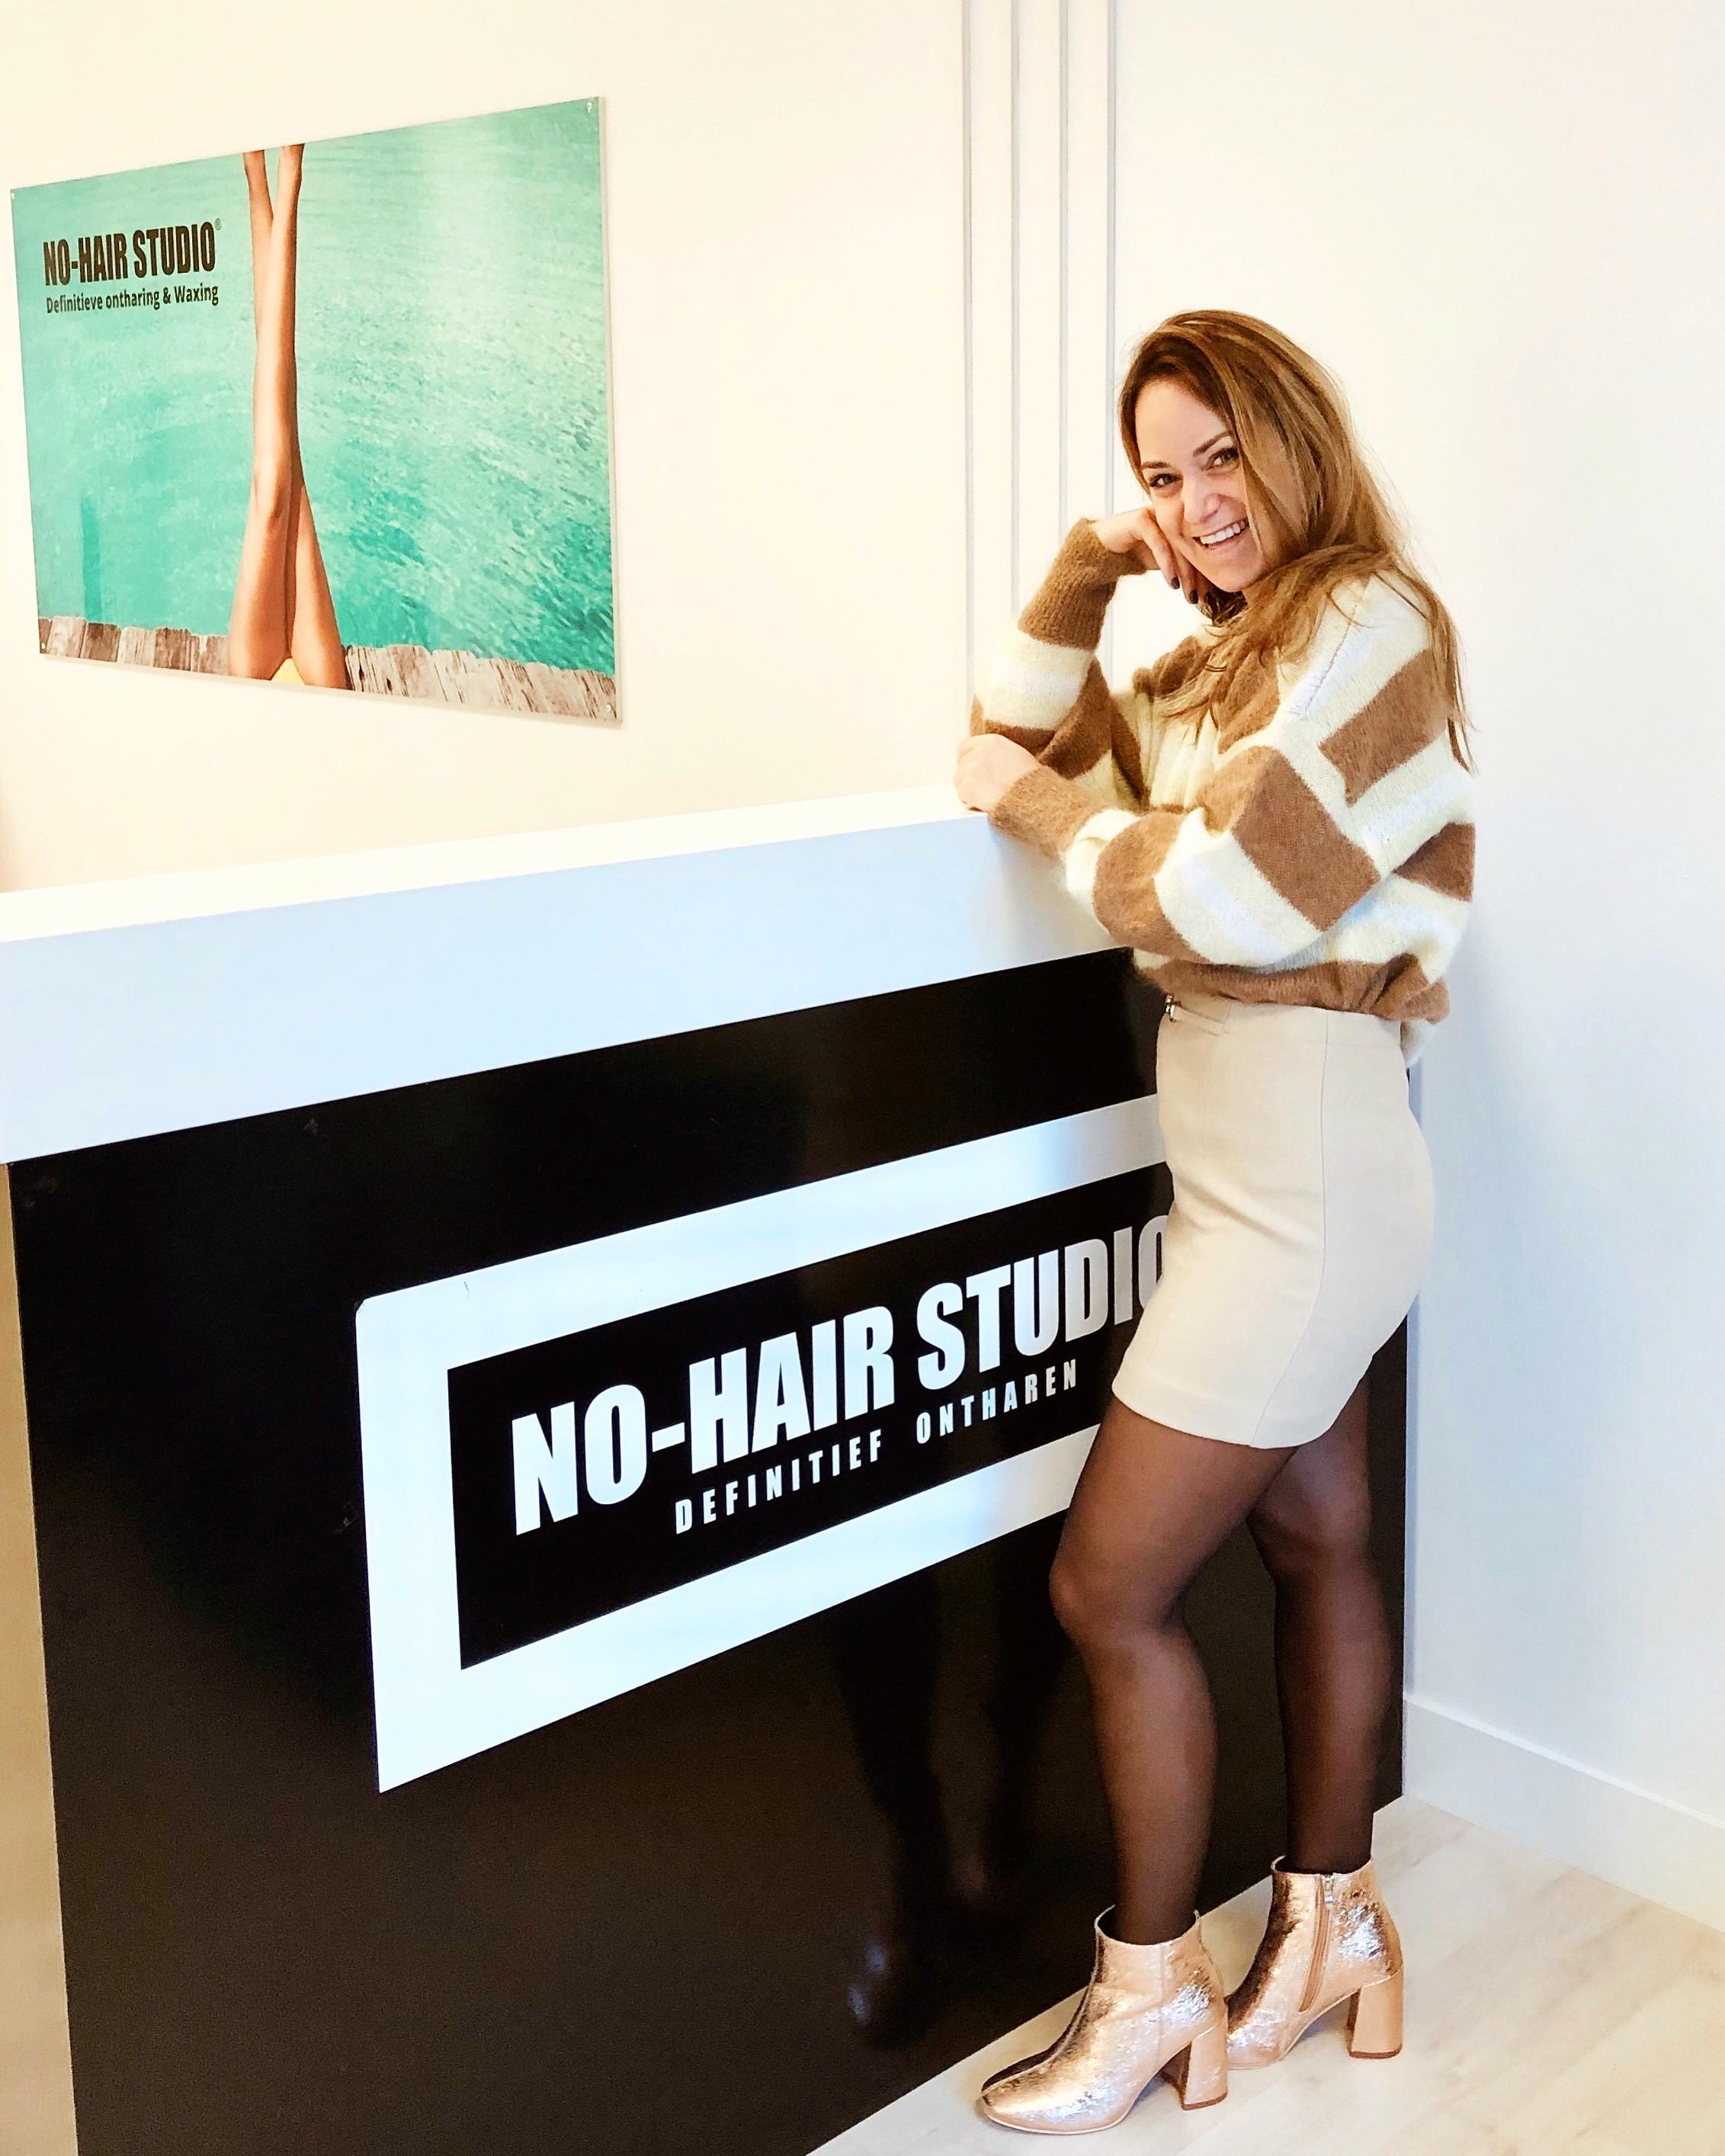 xmariekie, blog, blogger, influencer, sarenza, ootd, no hair, laseren, ipl, laser, eindhoven, winactie, giveaway, nohairstudio, no hair studio